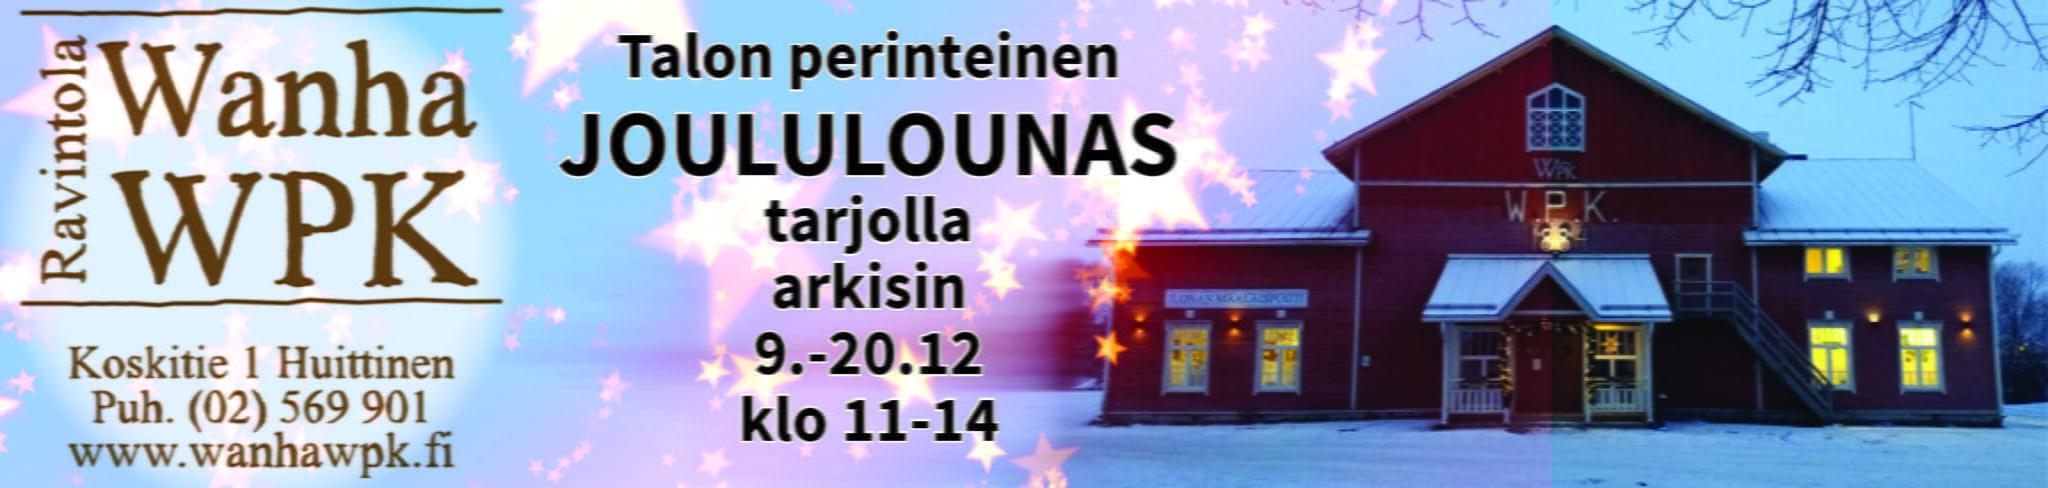 Rajaniemiravintolat Joululounas 9.-20.12.2019